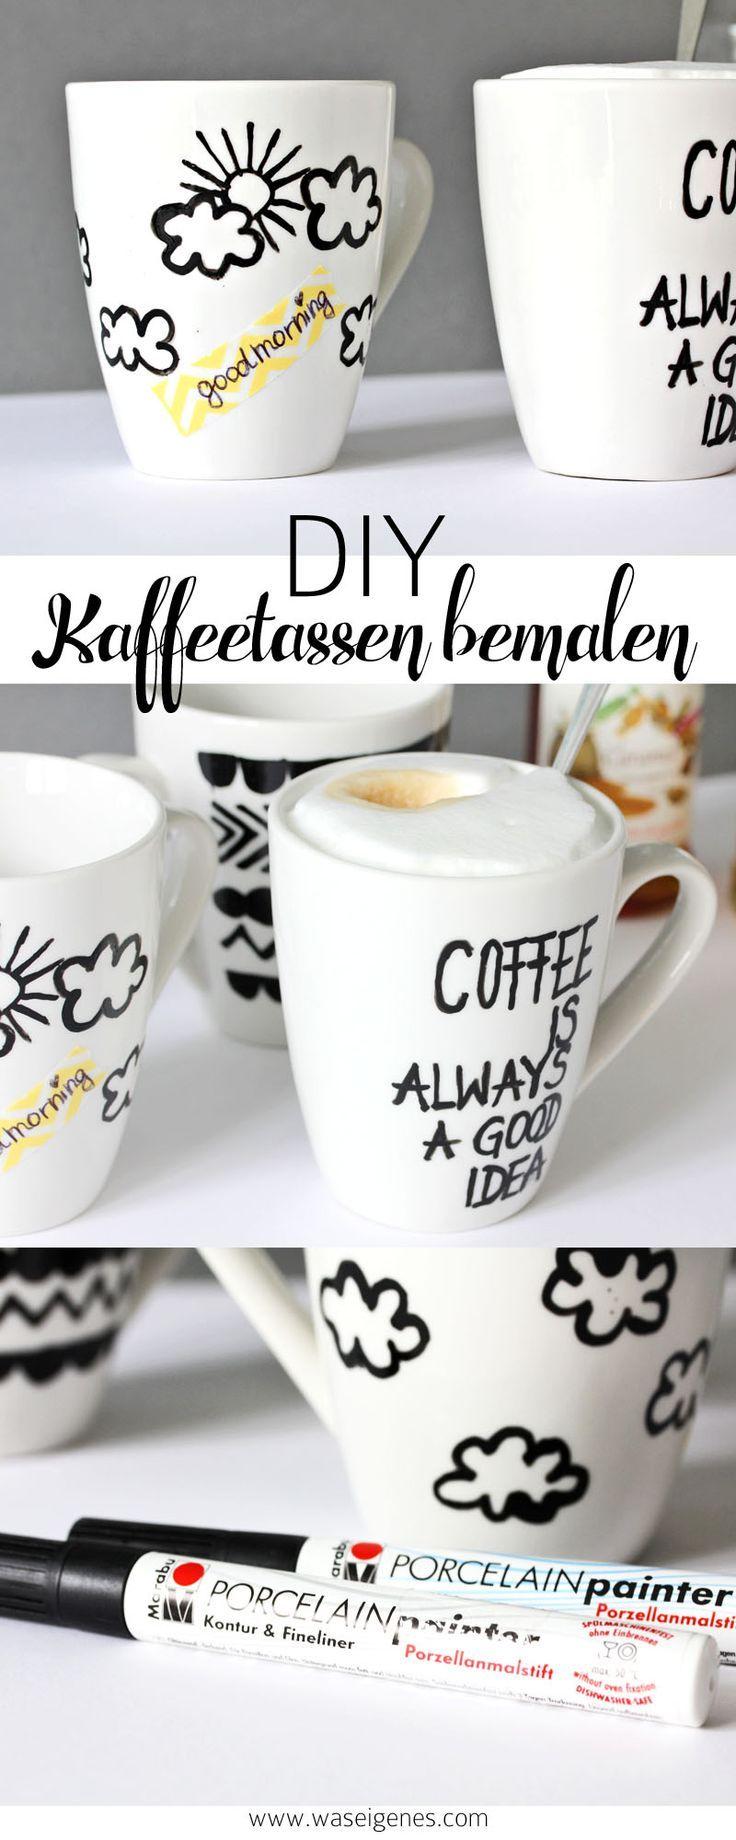 diy kaffeetassen bemalen beschriften ideen um tassen untersetzer selbst zu gestalten. Black Bedroom Furniture Sets. Home Design Ideas